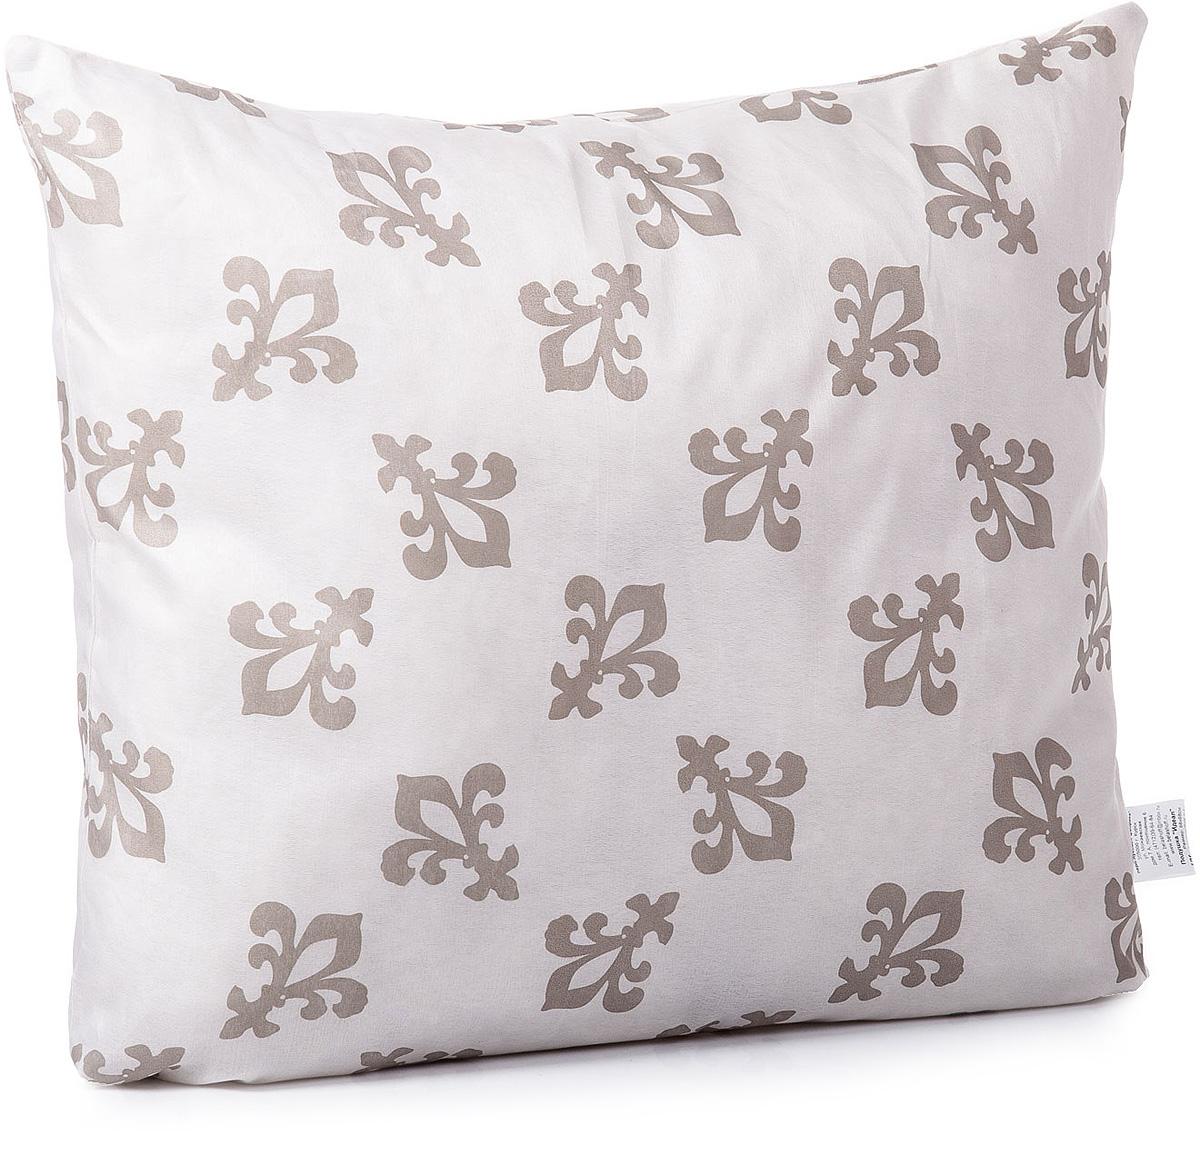 Подушка Тихий час Идеал, цвет: бежевый, белый, горичневый, 50 х 50 смТЧХ 1-7Коллекция синтетических подушек и одеял Идеал отличает высокое качество изделия при оптимальной цене. Наполнитель синтетических одеял и подушек коллекции Идеал — полое силиконизированное волокно, которое на сегодняшний день является самым популярным и экологически чистым наполнителем.Лёгкие в уходе и гигиеничные, эти изделия привлекают длительной износостойкостью и невысокой ценой. Подушки и одеяла Идеал гипоаллергенны. Изделие легко в уходе, возможна бережная стирка. Уважаемые клиенты! Обращаем ваше внимание на цветовой ассортимент товара. Поставка осуществляется в зависимости от наличия на складе.